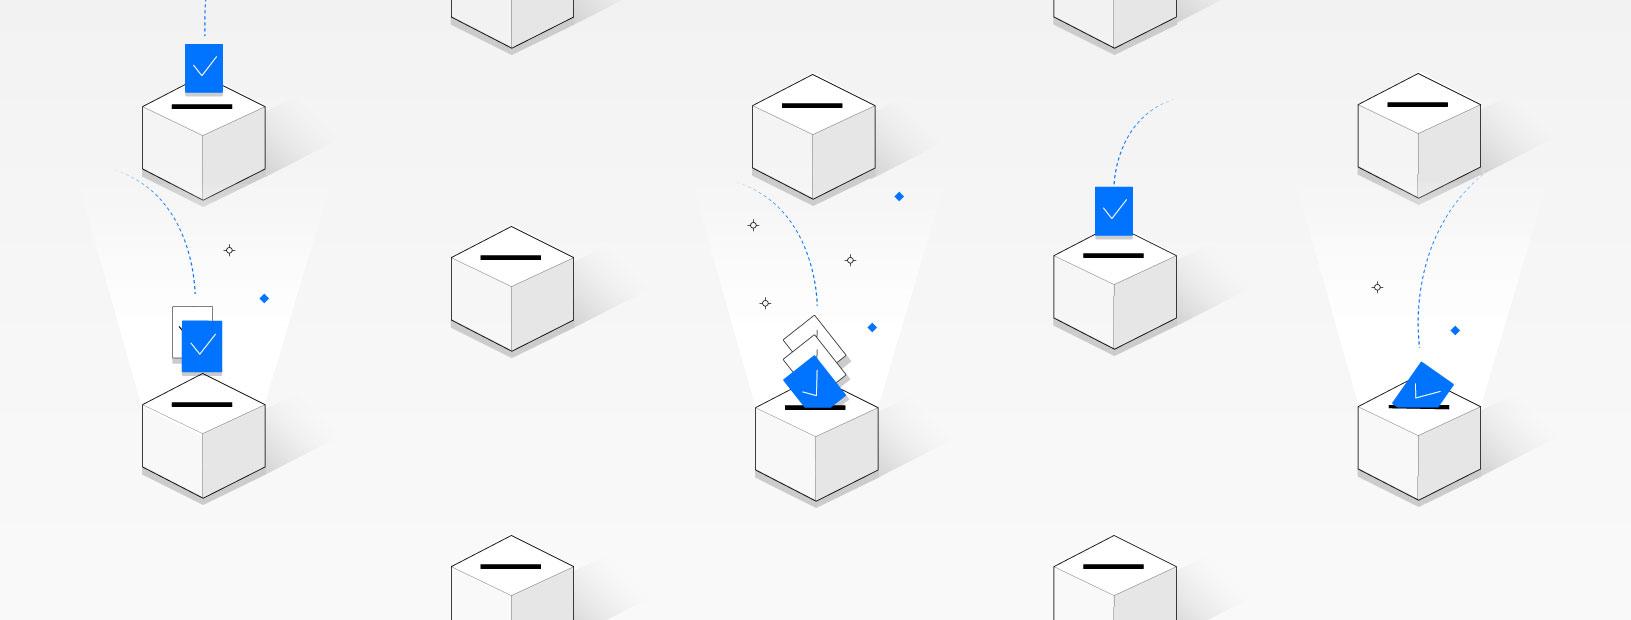 How to set a CREA witness node